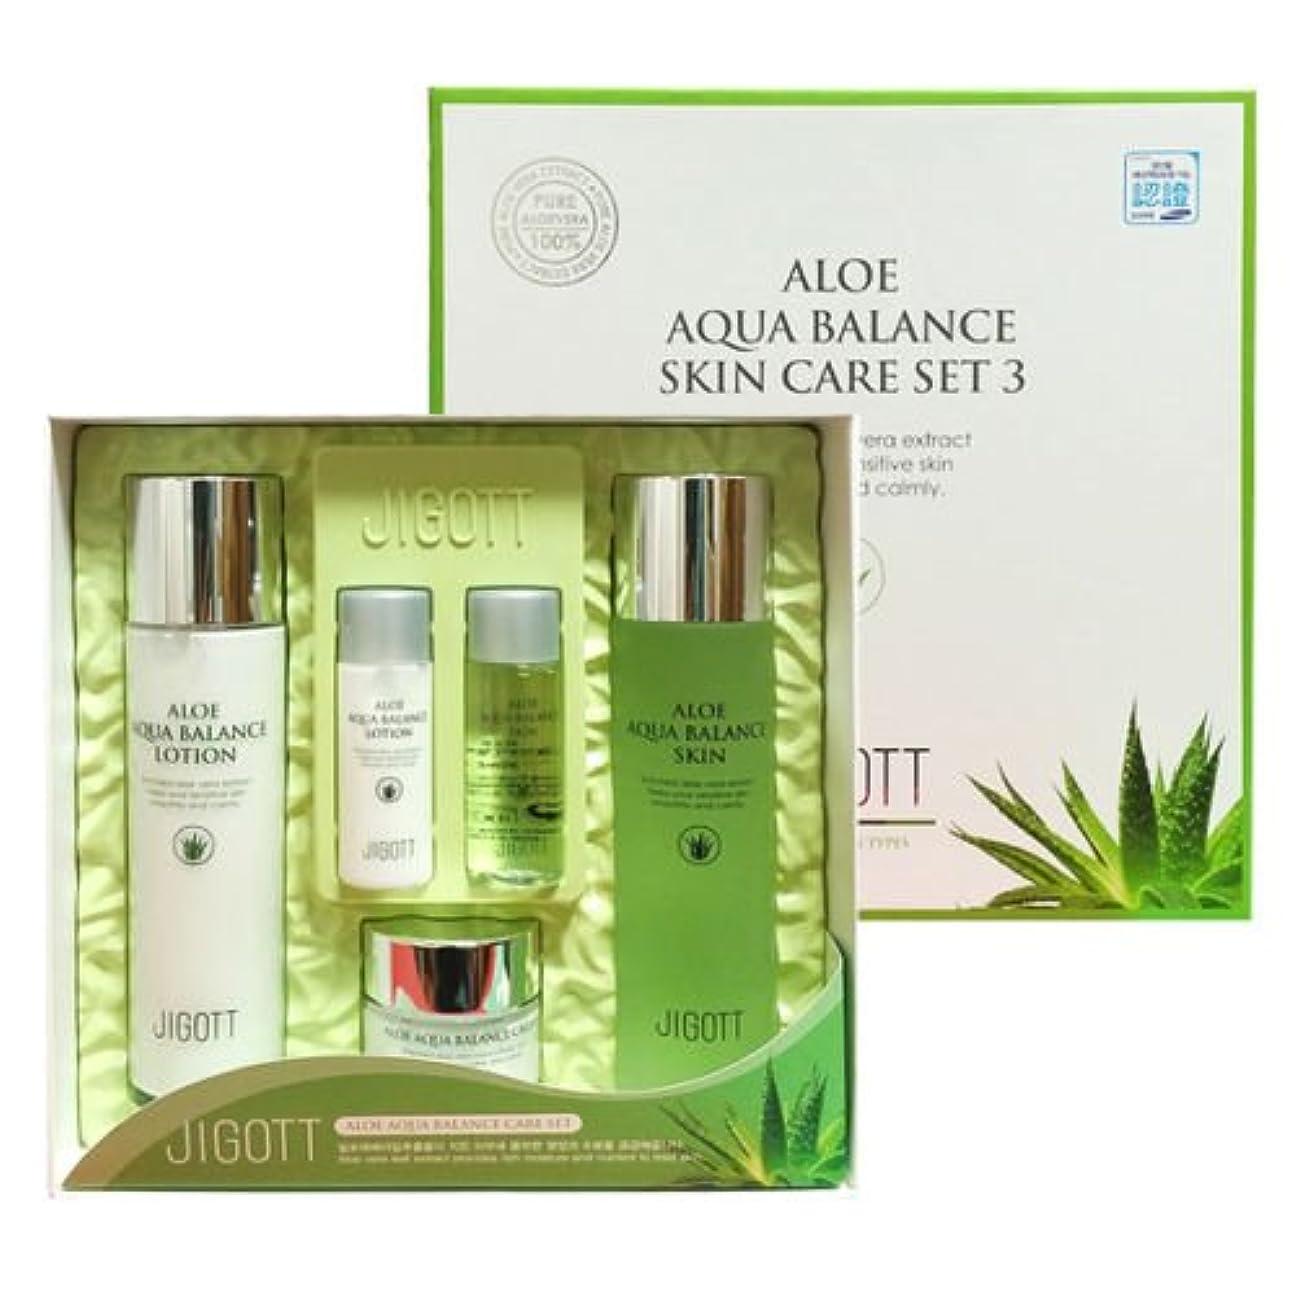 服を洗うバッチ重要性ジゴトゥ[韓国コスメJigott]Aloe Aqua Balance Skin Care 3 Set アロエアクアバランススキンケア3セット樹液,乳液,クリーム [並行輸入品]